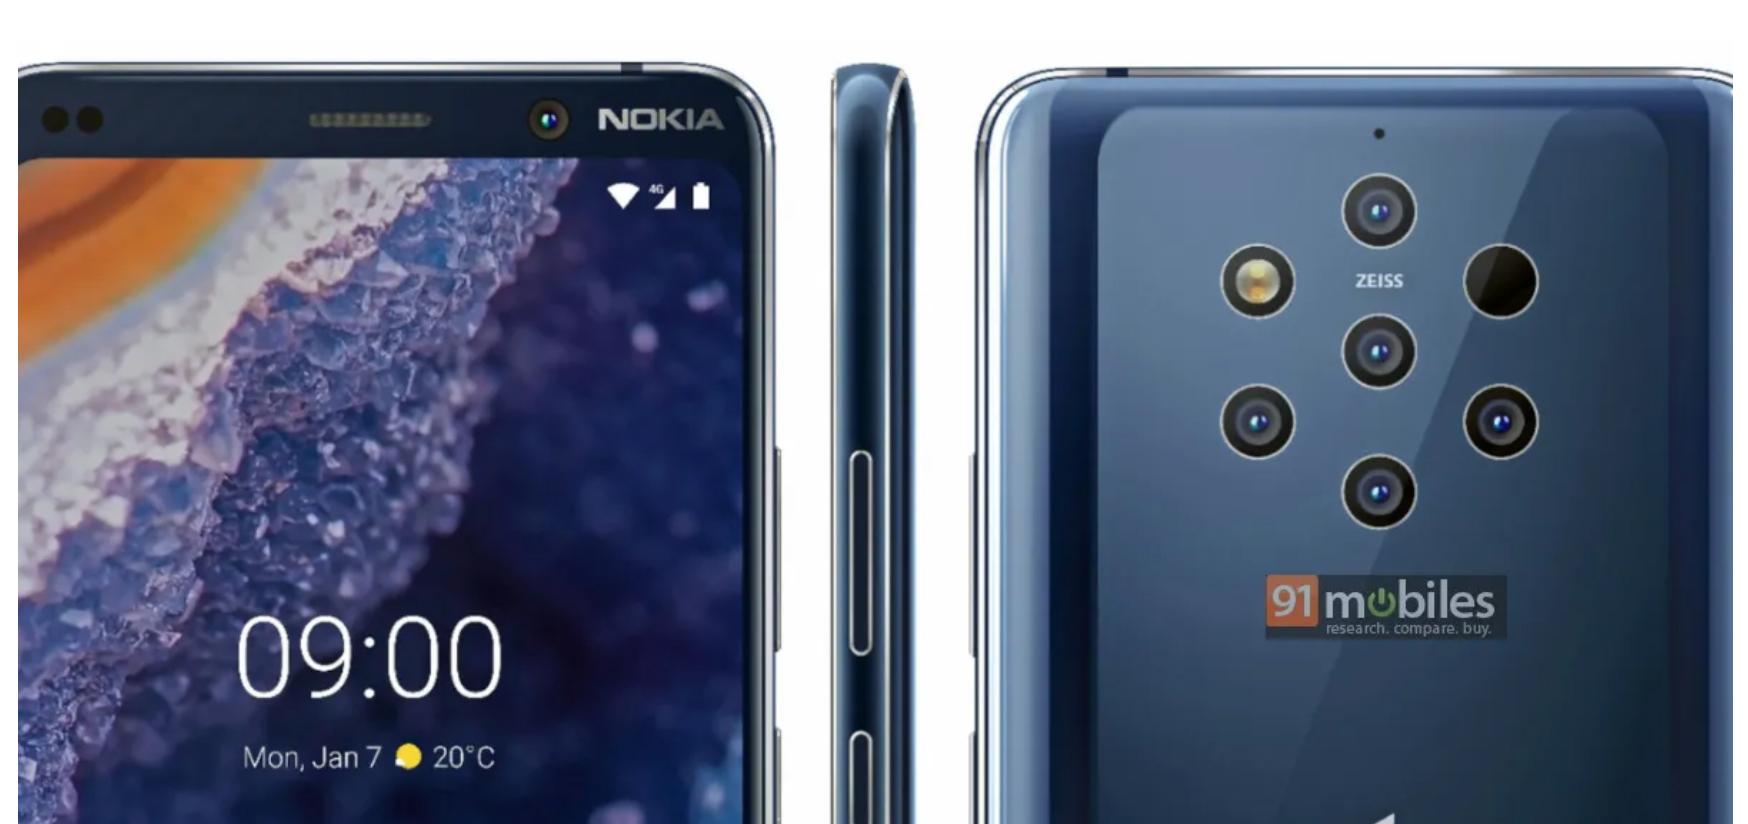 يحتوي Nokia 9 PureView على قارئ لبصمات الأصابع أسفل الشاشة 3